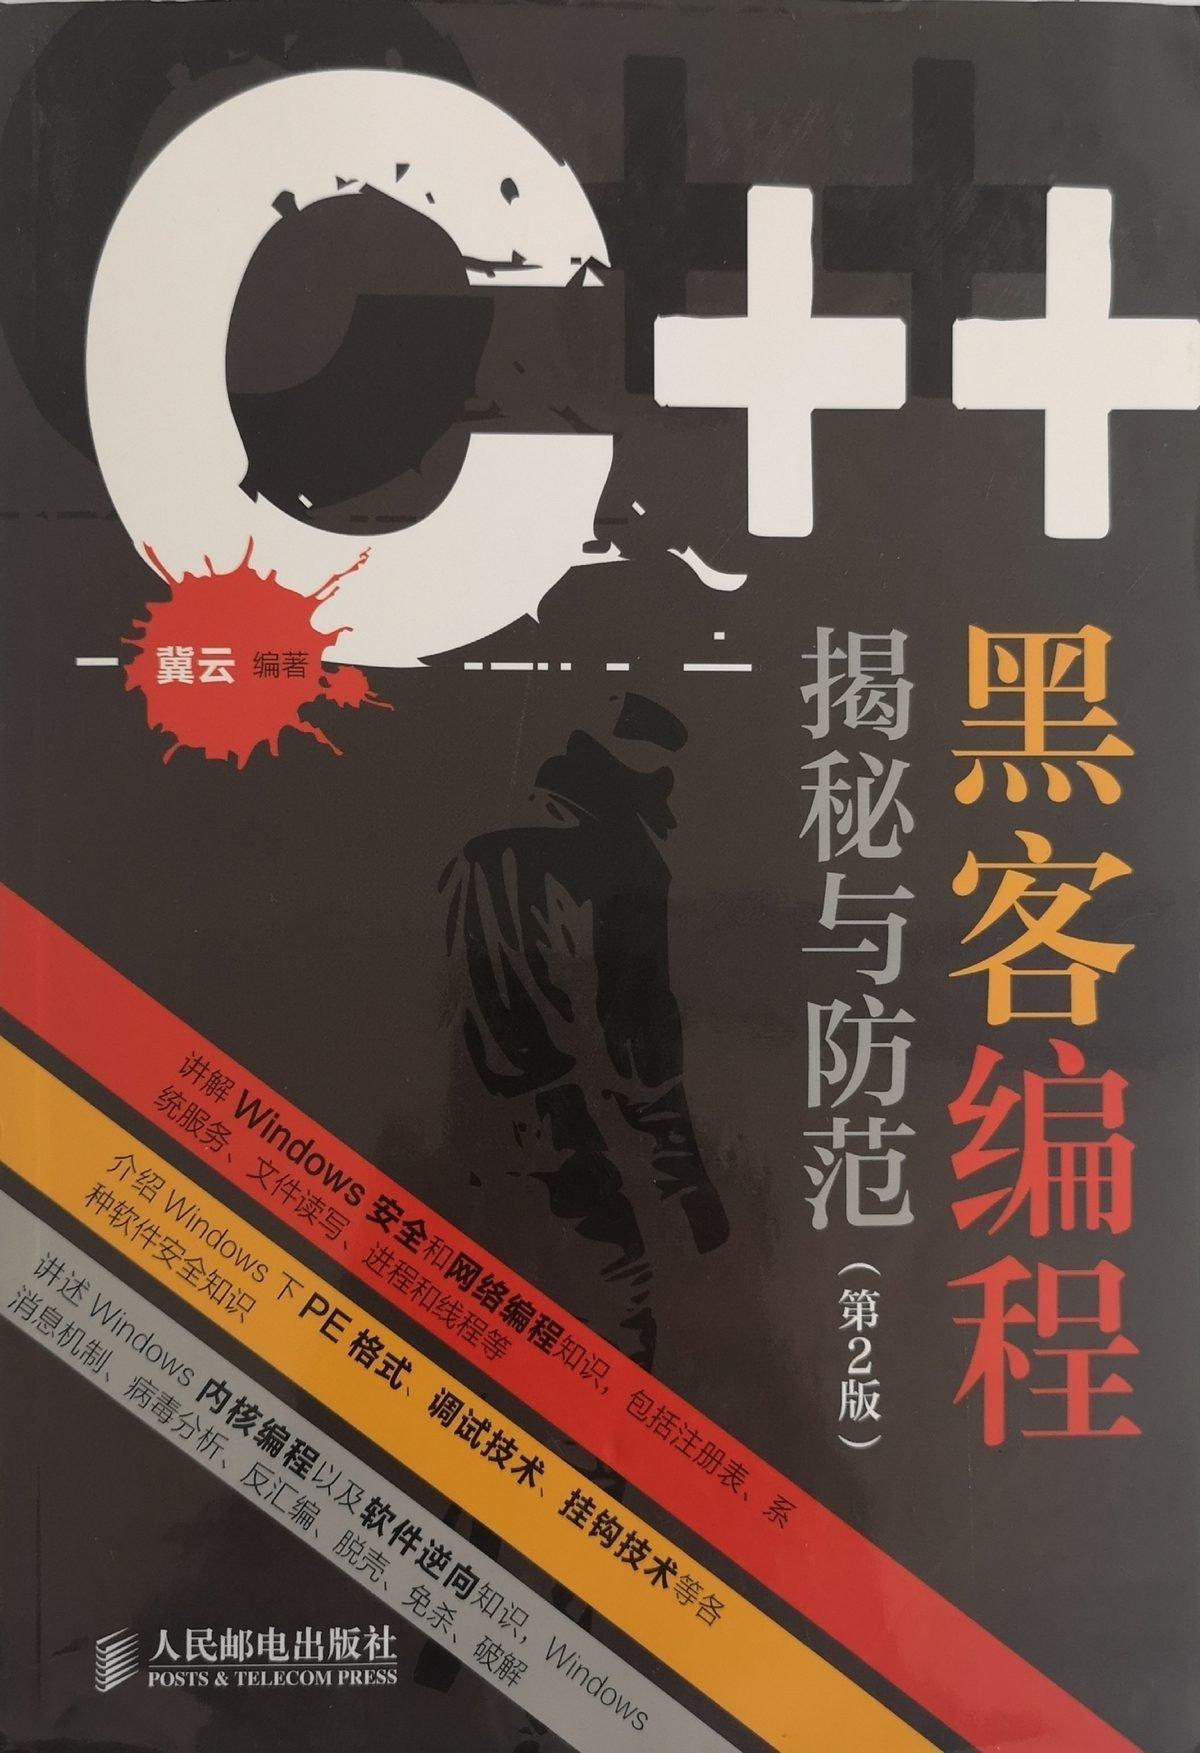 《C++黑客编程揭秘与防范(第二版)》